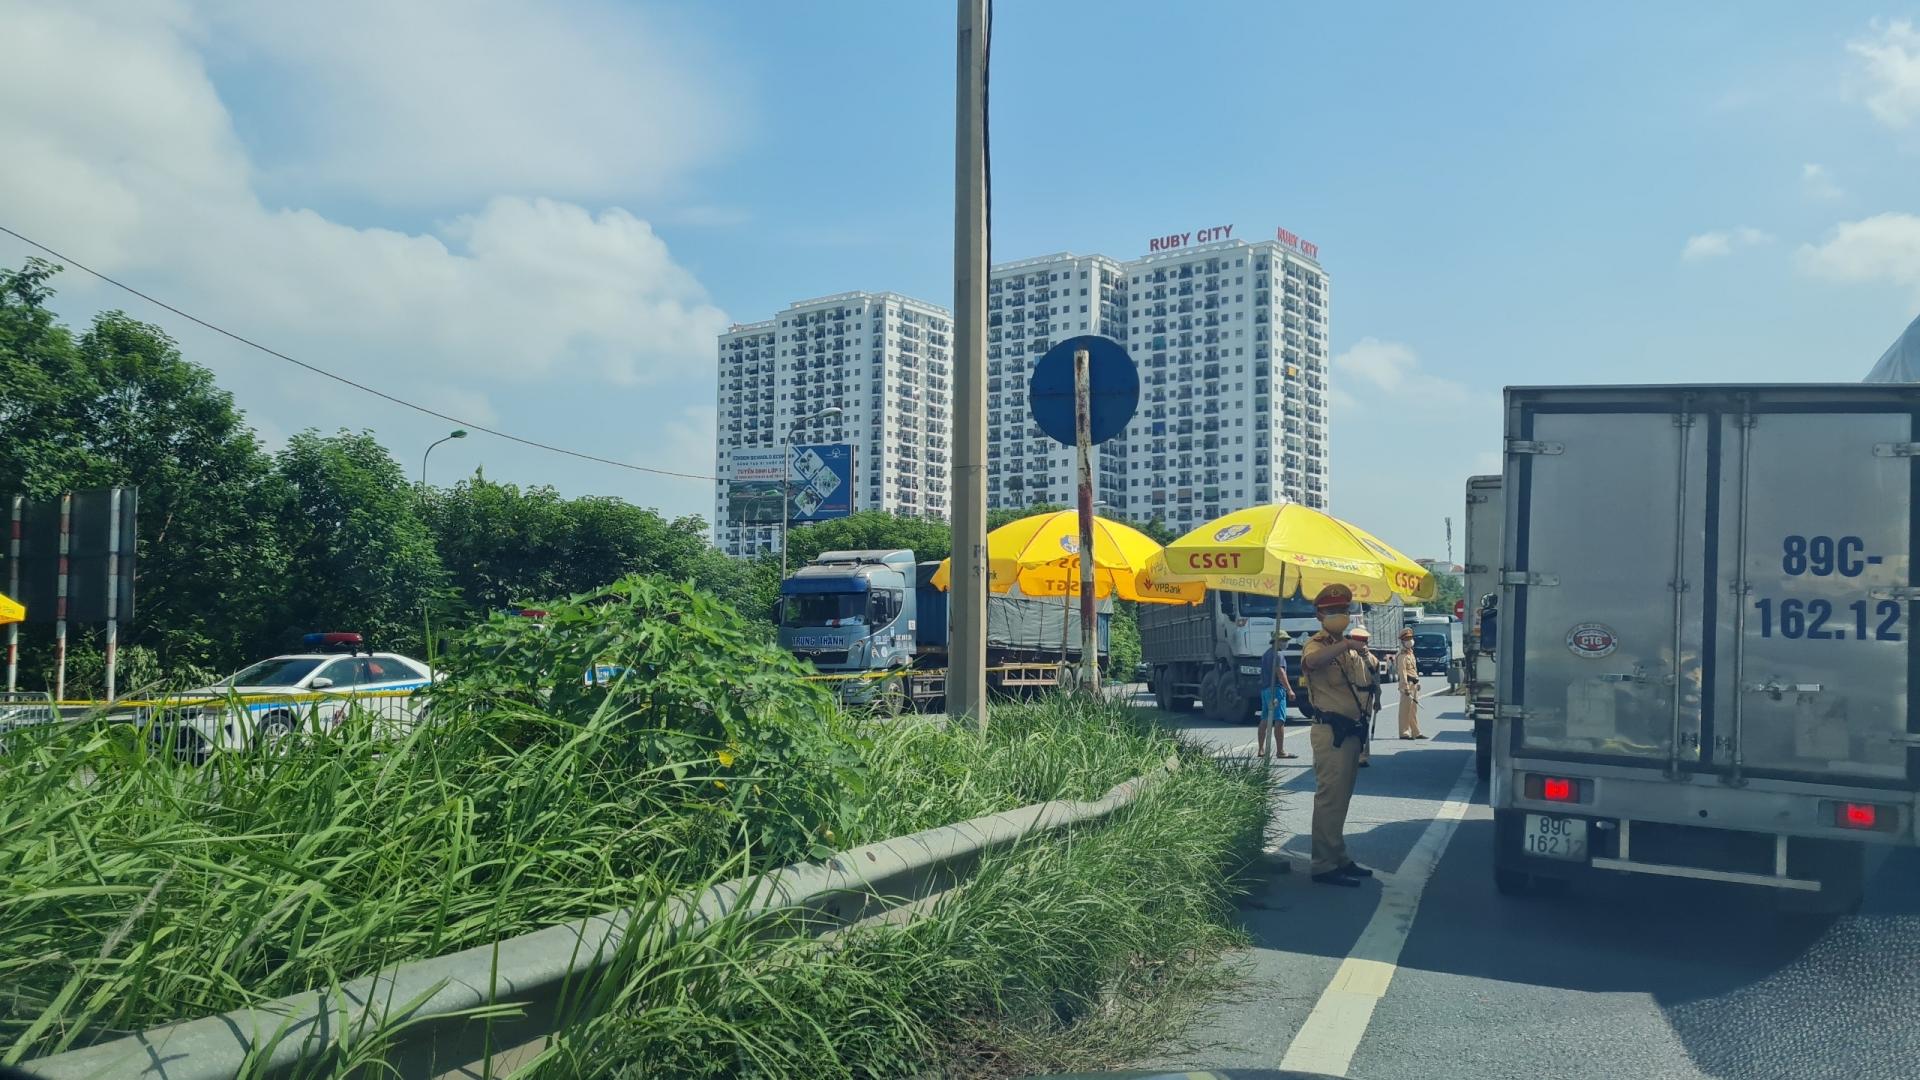 Chỉ đạo của Phó Thủ tướng Lê Văn Thành về việc vận chuyển hàng hóa thiết yếu phục vụ đời sống người dân vùng có dịch COVID-19